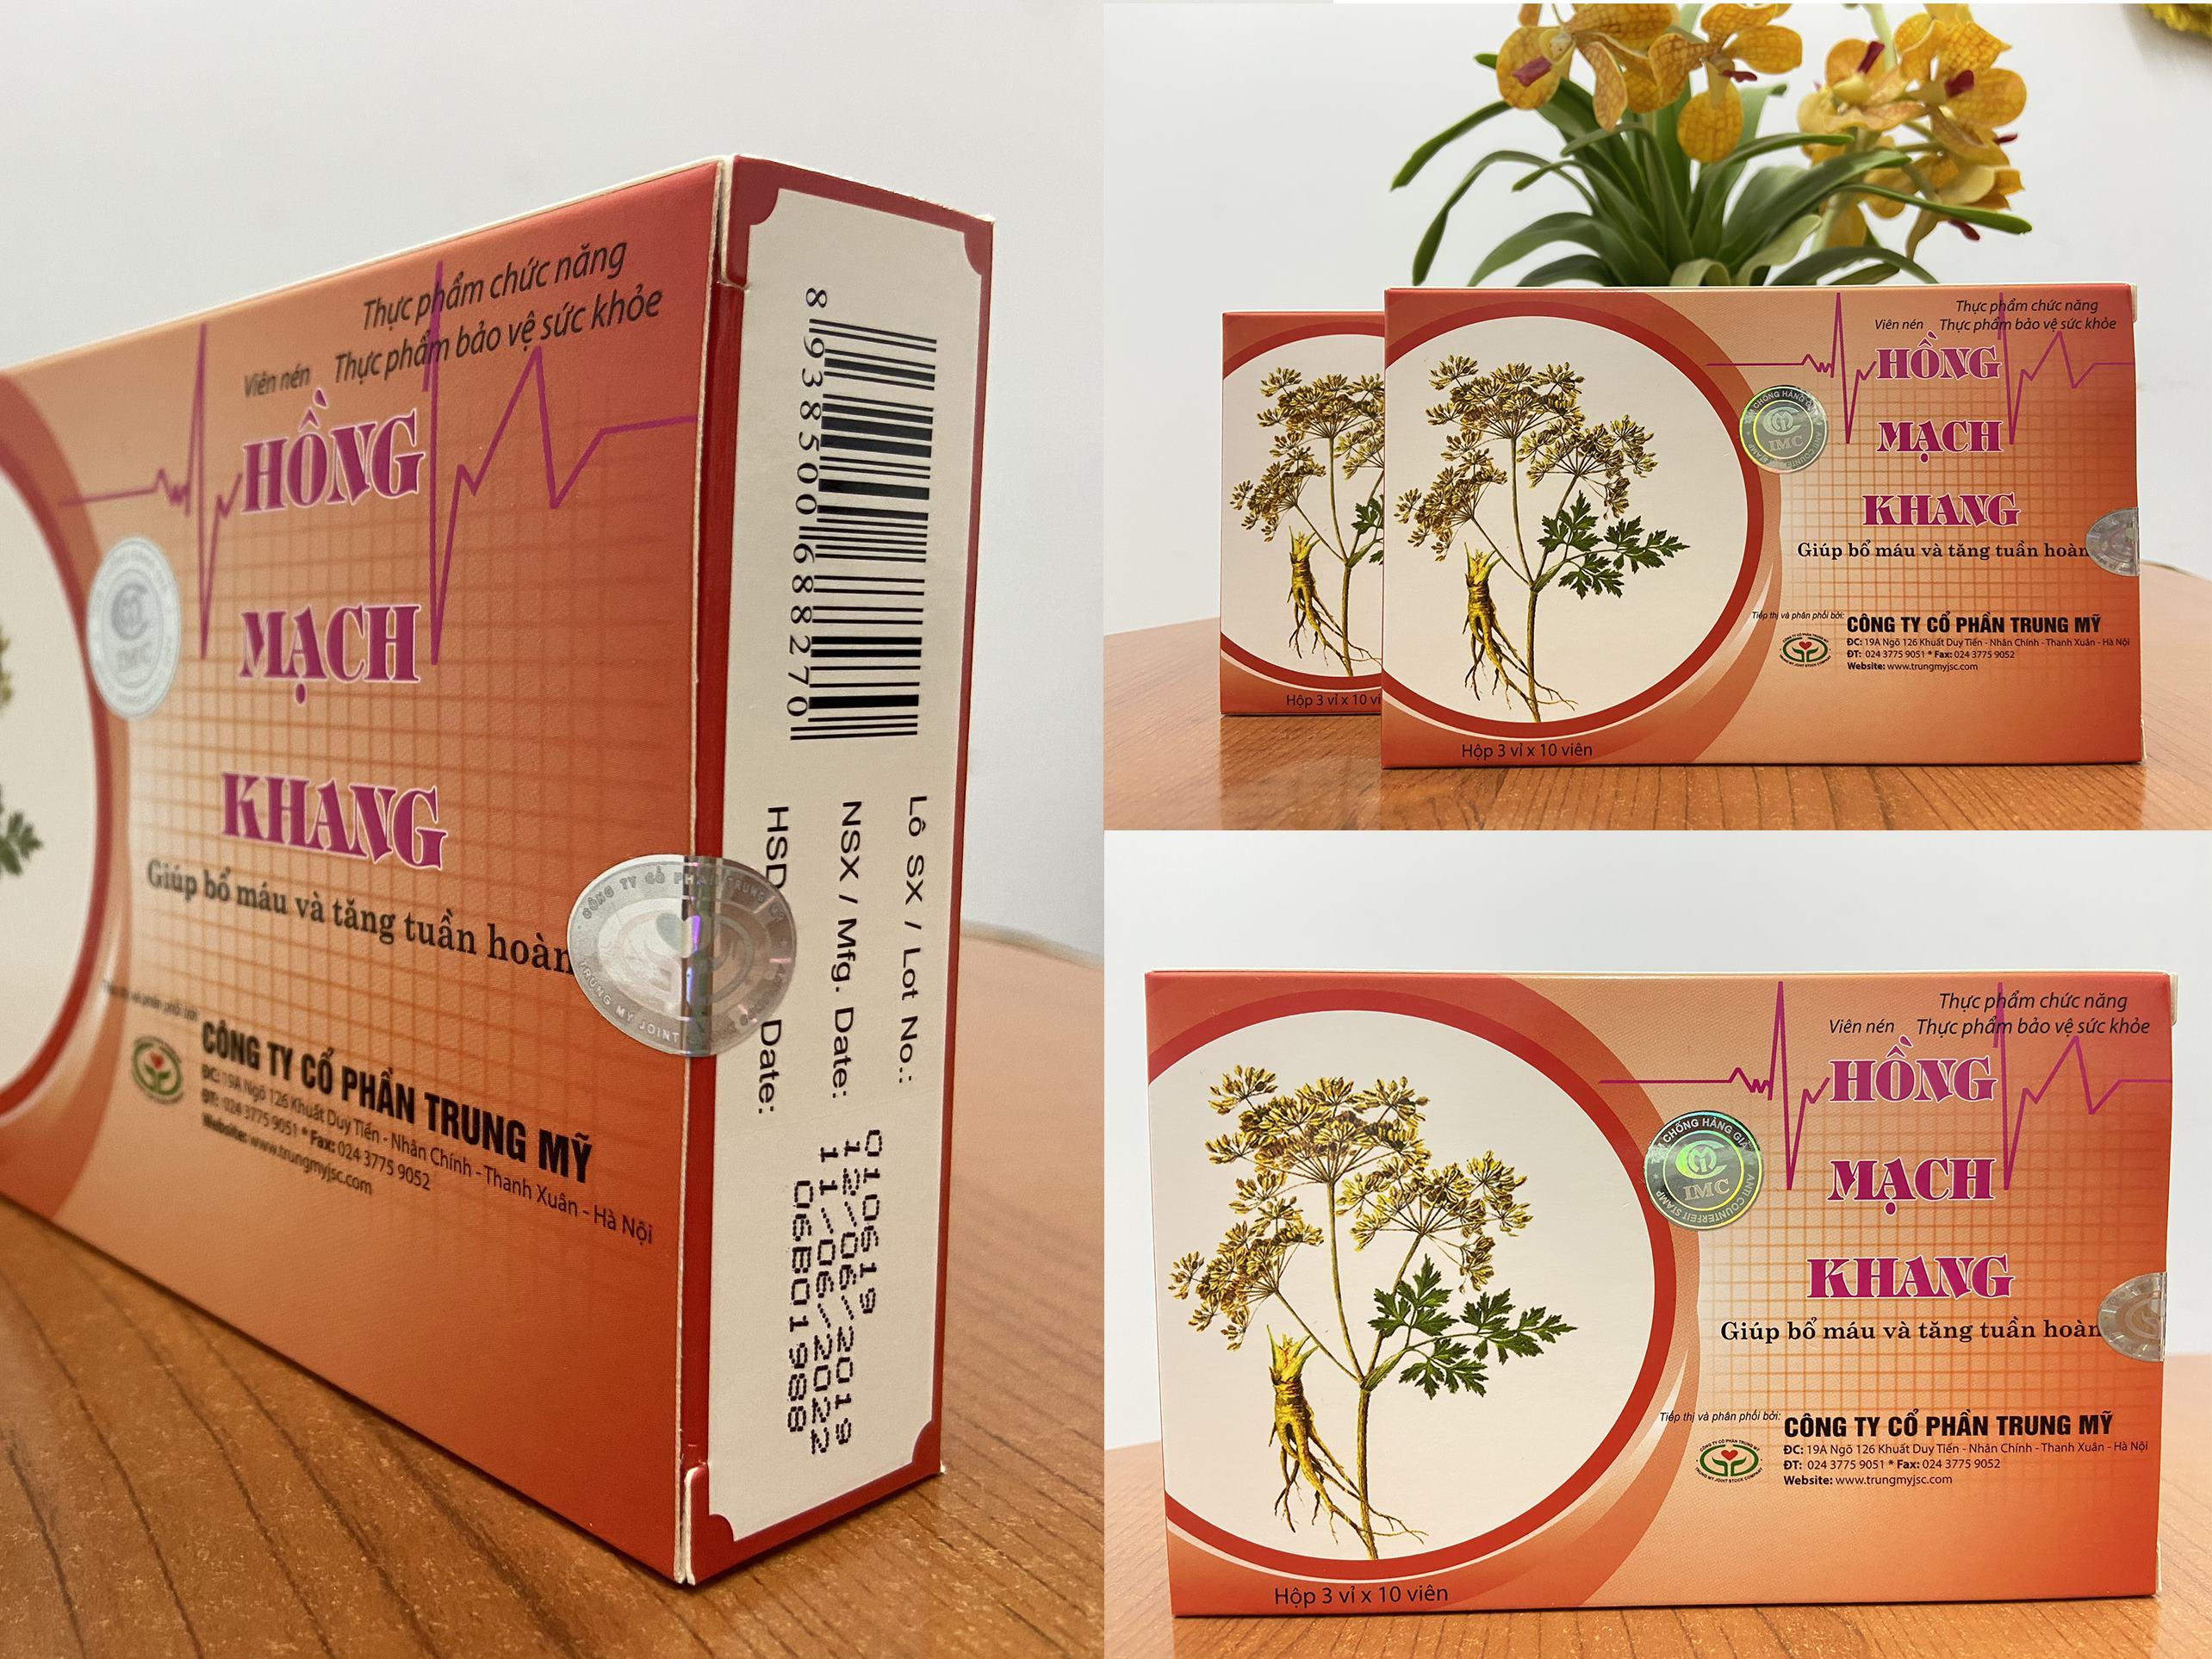 Tpbvsk Hồng Mạch Khang chính hãng có đầy đủ tem mác